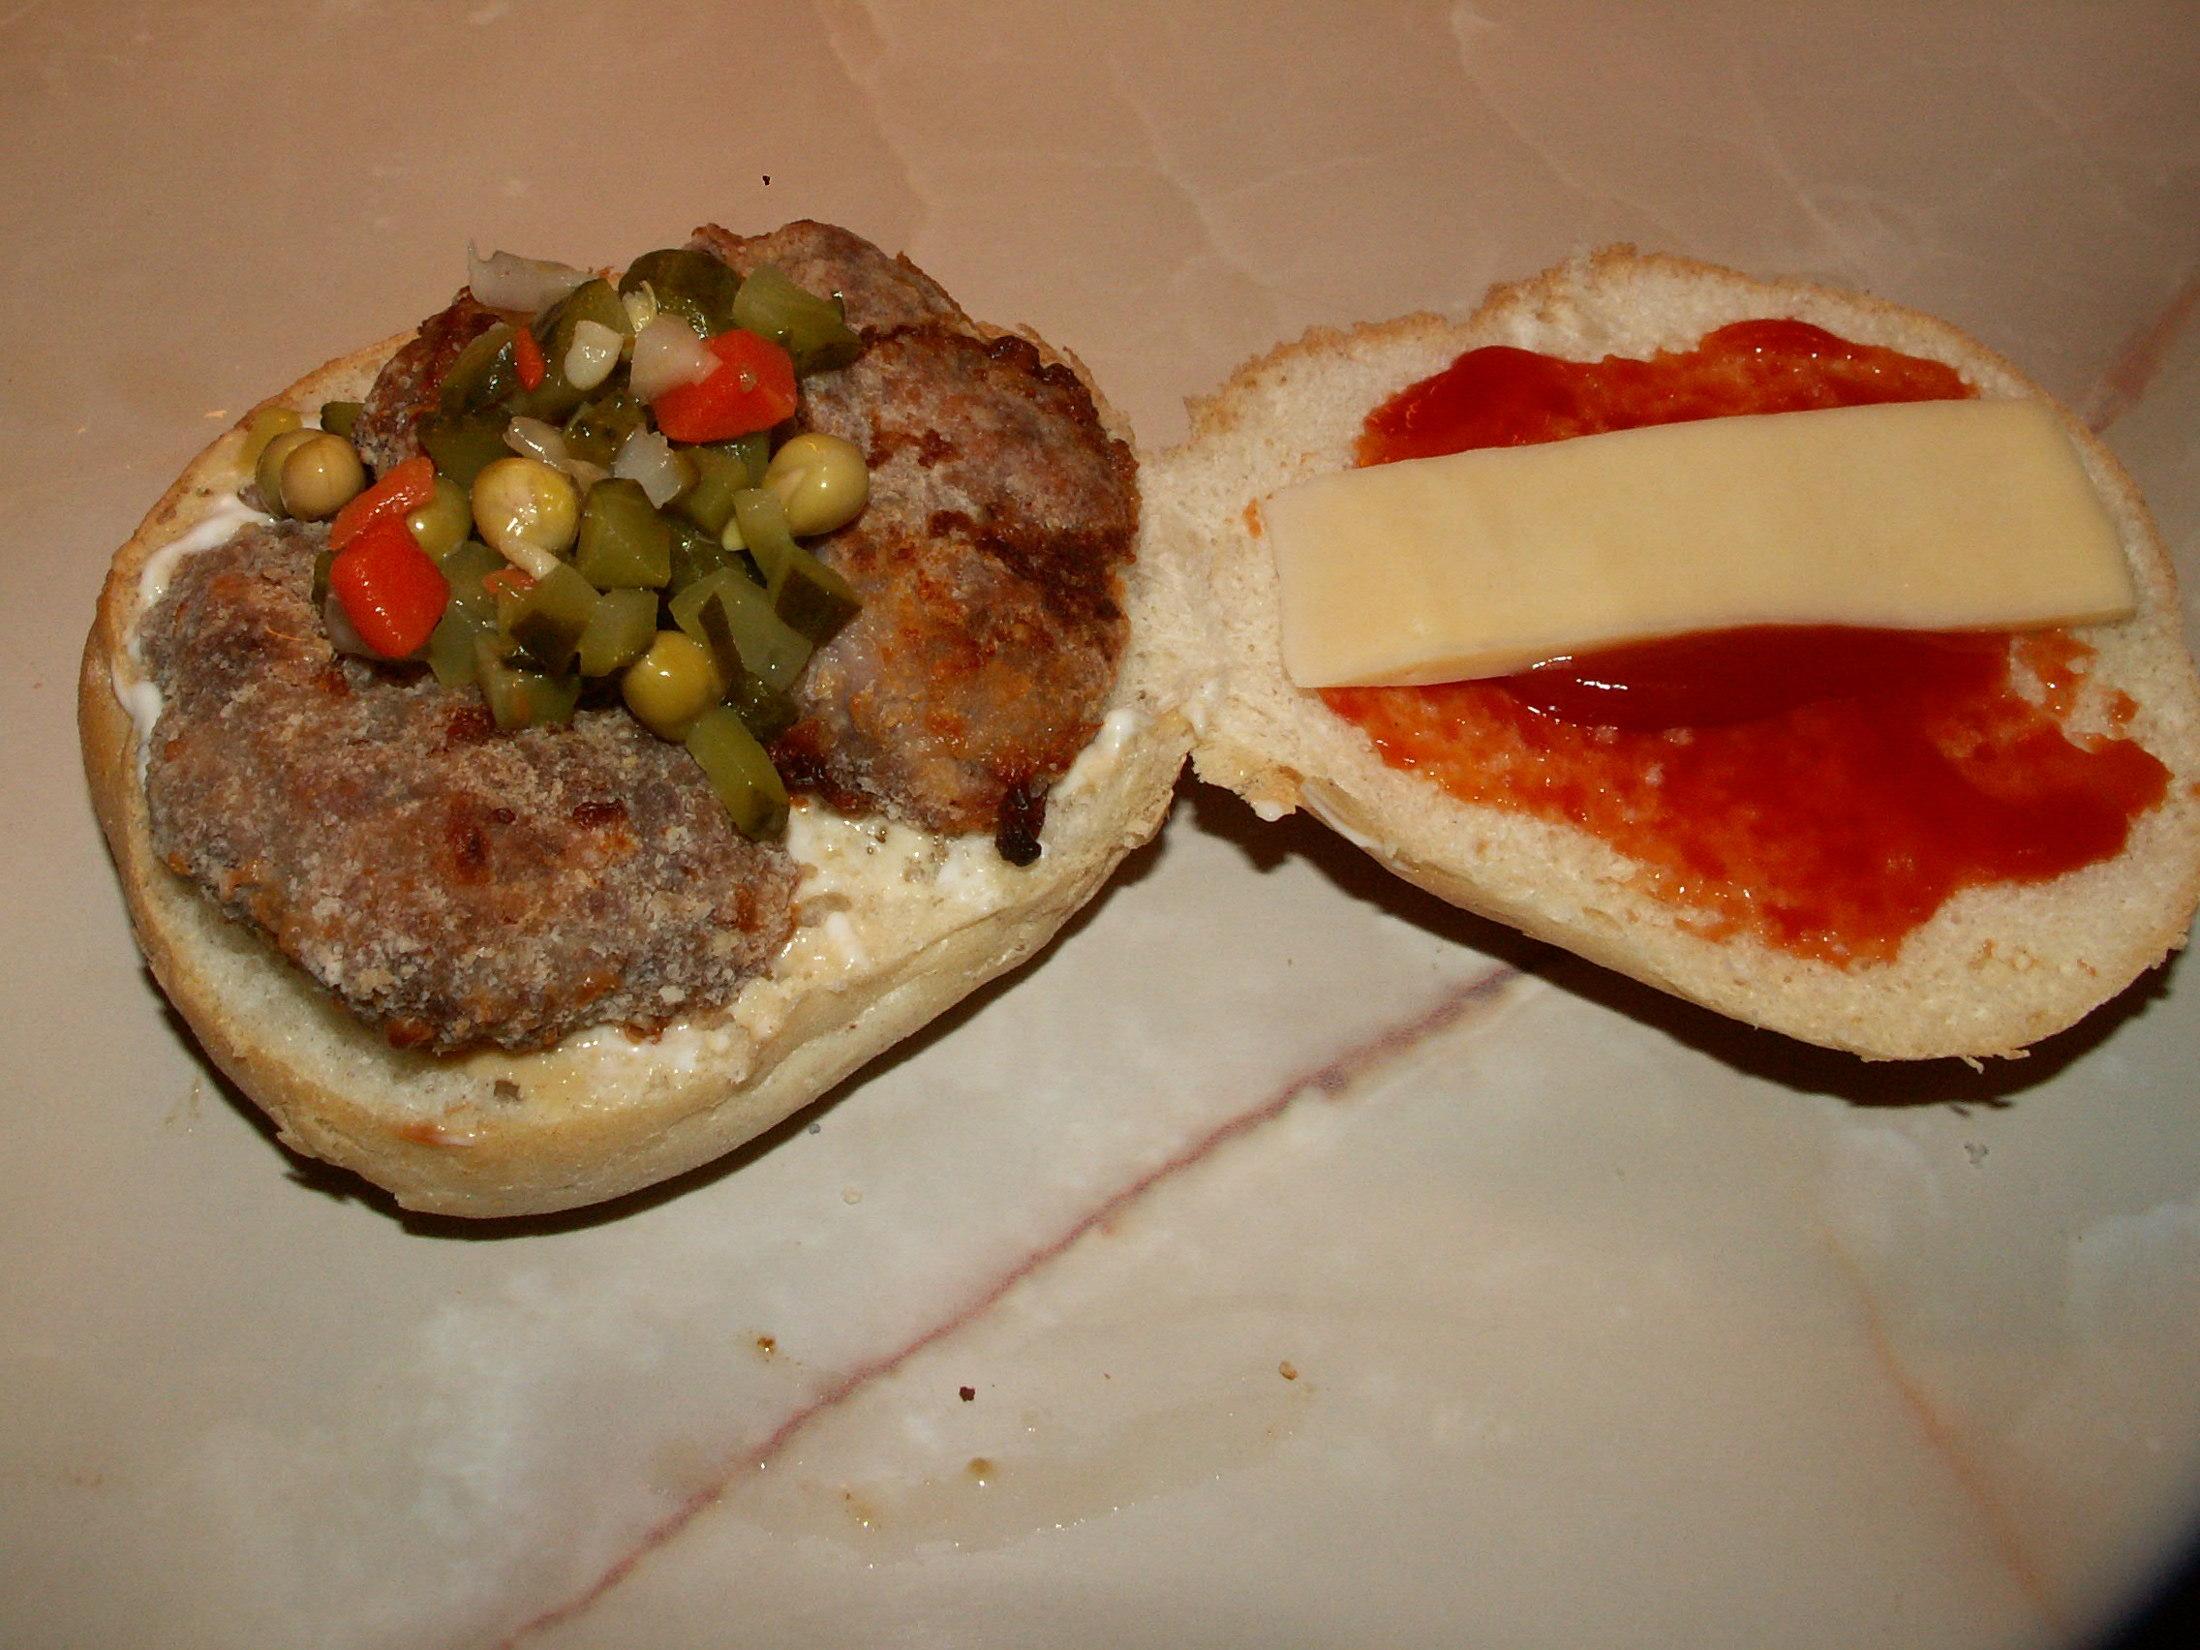 Recept Domácí hamburgery - Plnila jsem housky.